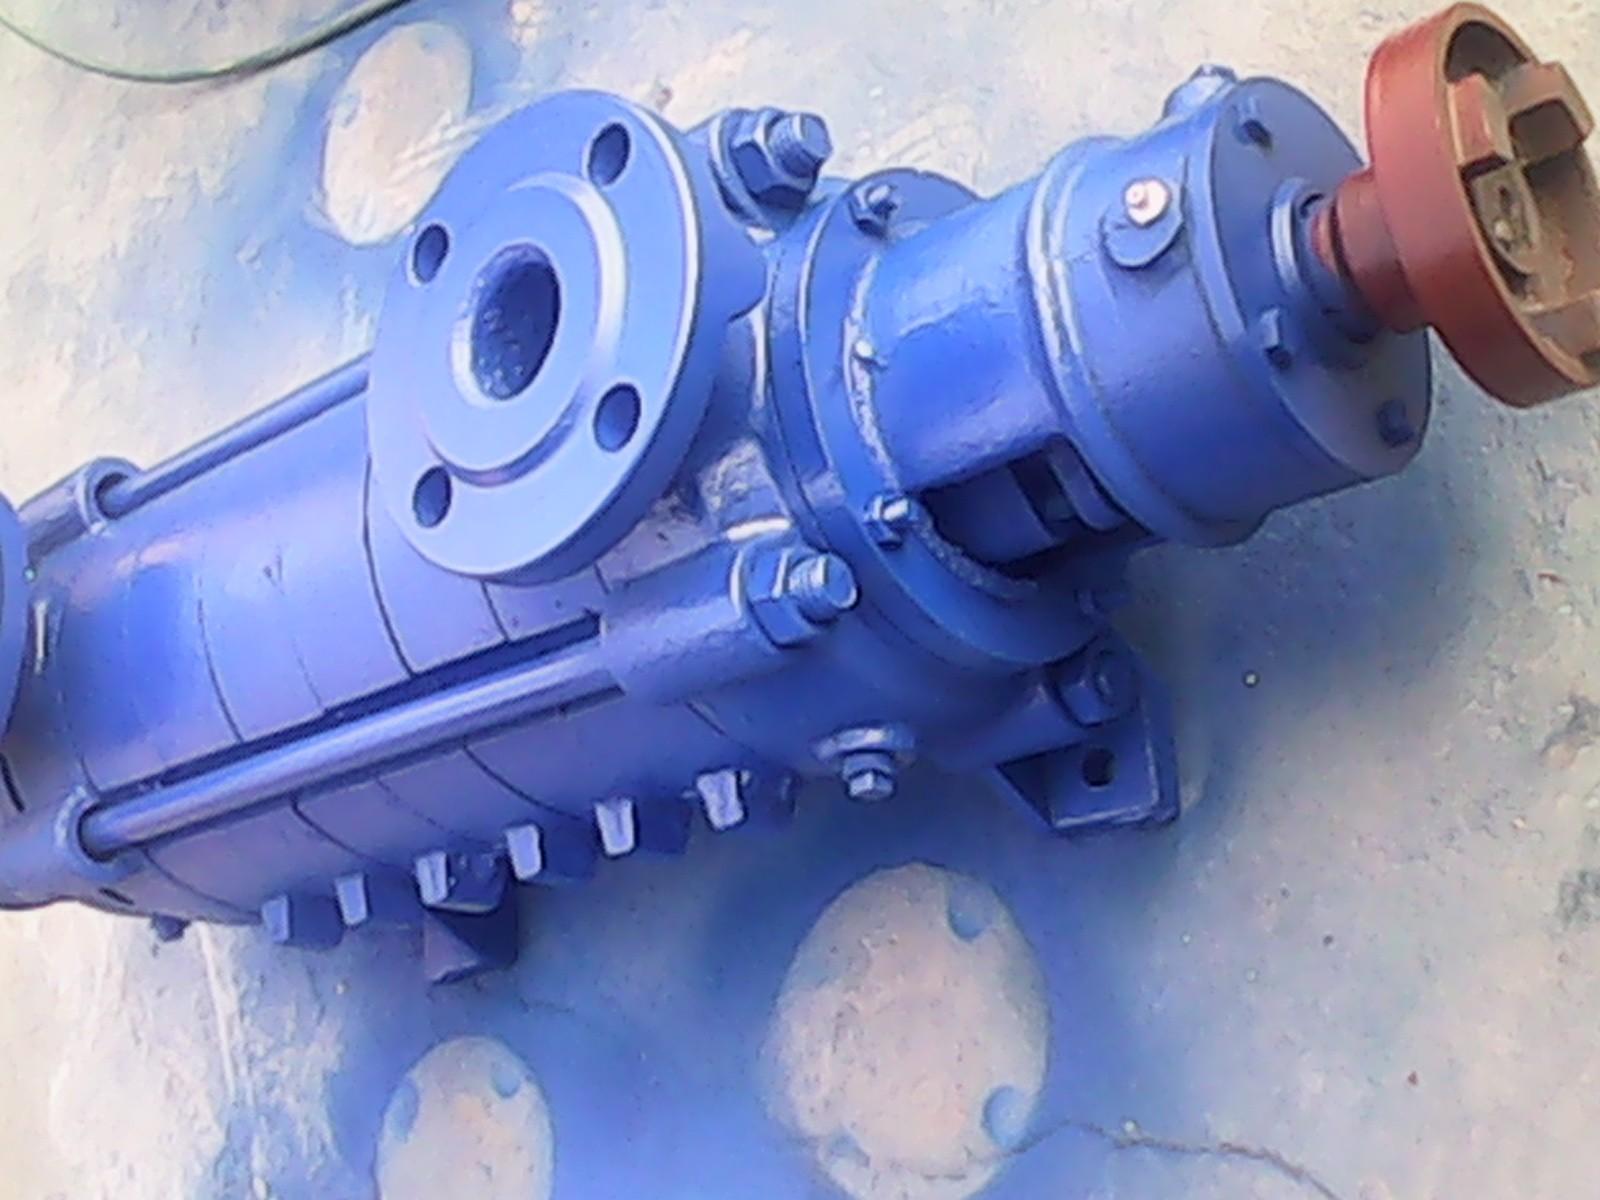 公司名称:永嘉联工泵阀制造厂 更新日期:2014-9-10 所 在 地:中国大陆 产品型号:1.5GC-52 简单介绍:GC型卧式锅炉给水多级泵具有效率高、性能范围广、运行安全平稳、噪音低、寿命长、安装维修方便等特点。供输送清水或物理化学性质类似于水的其它液体之用。